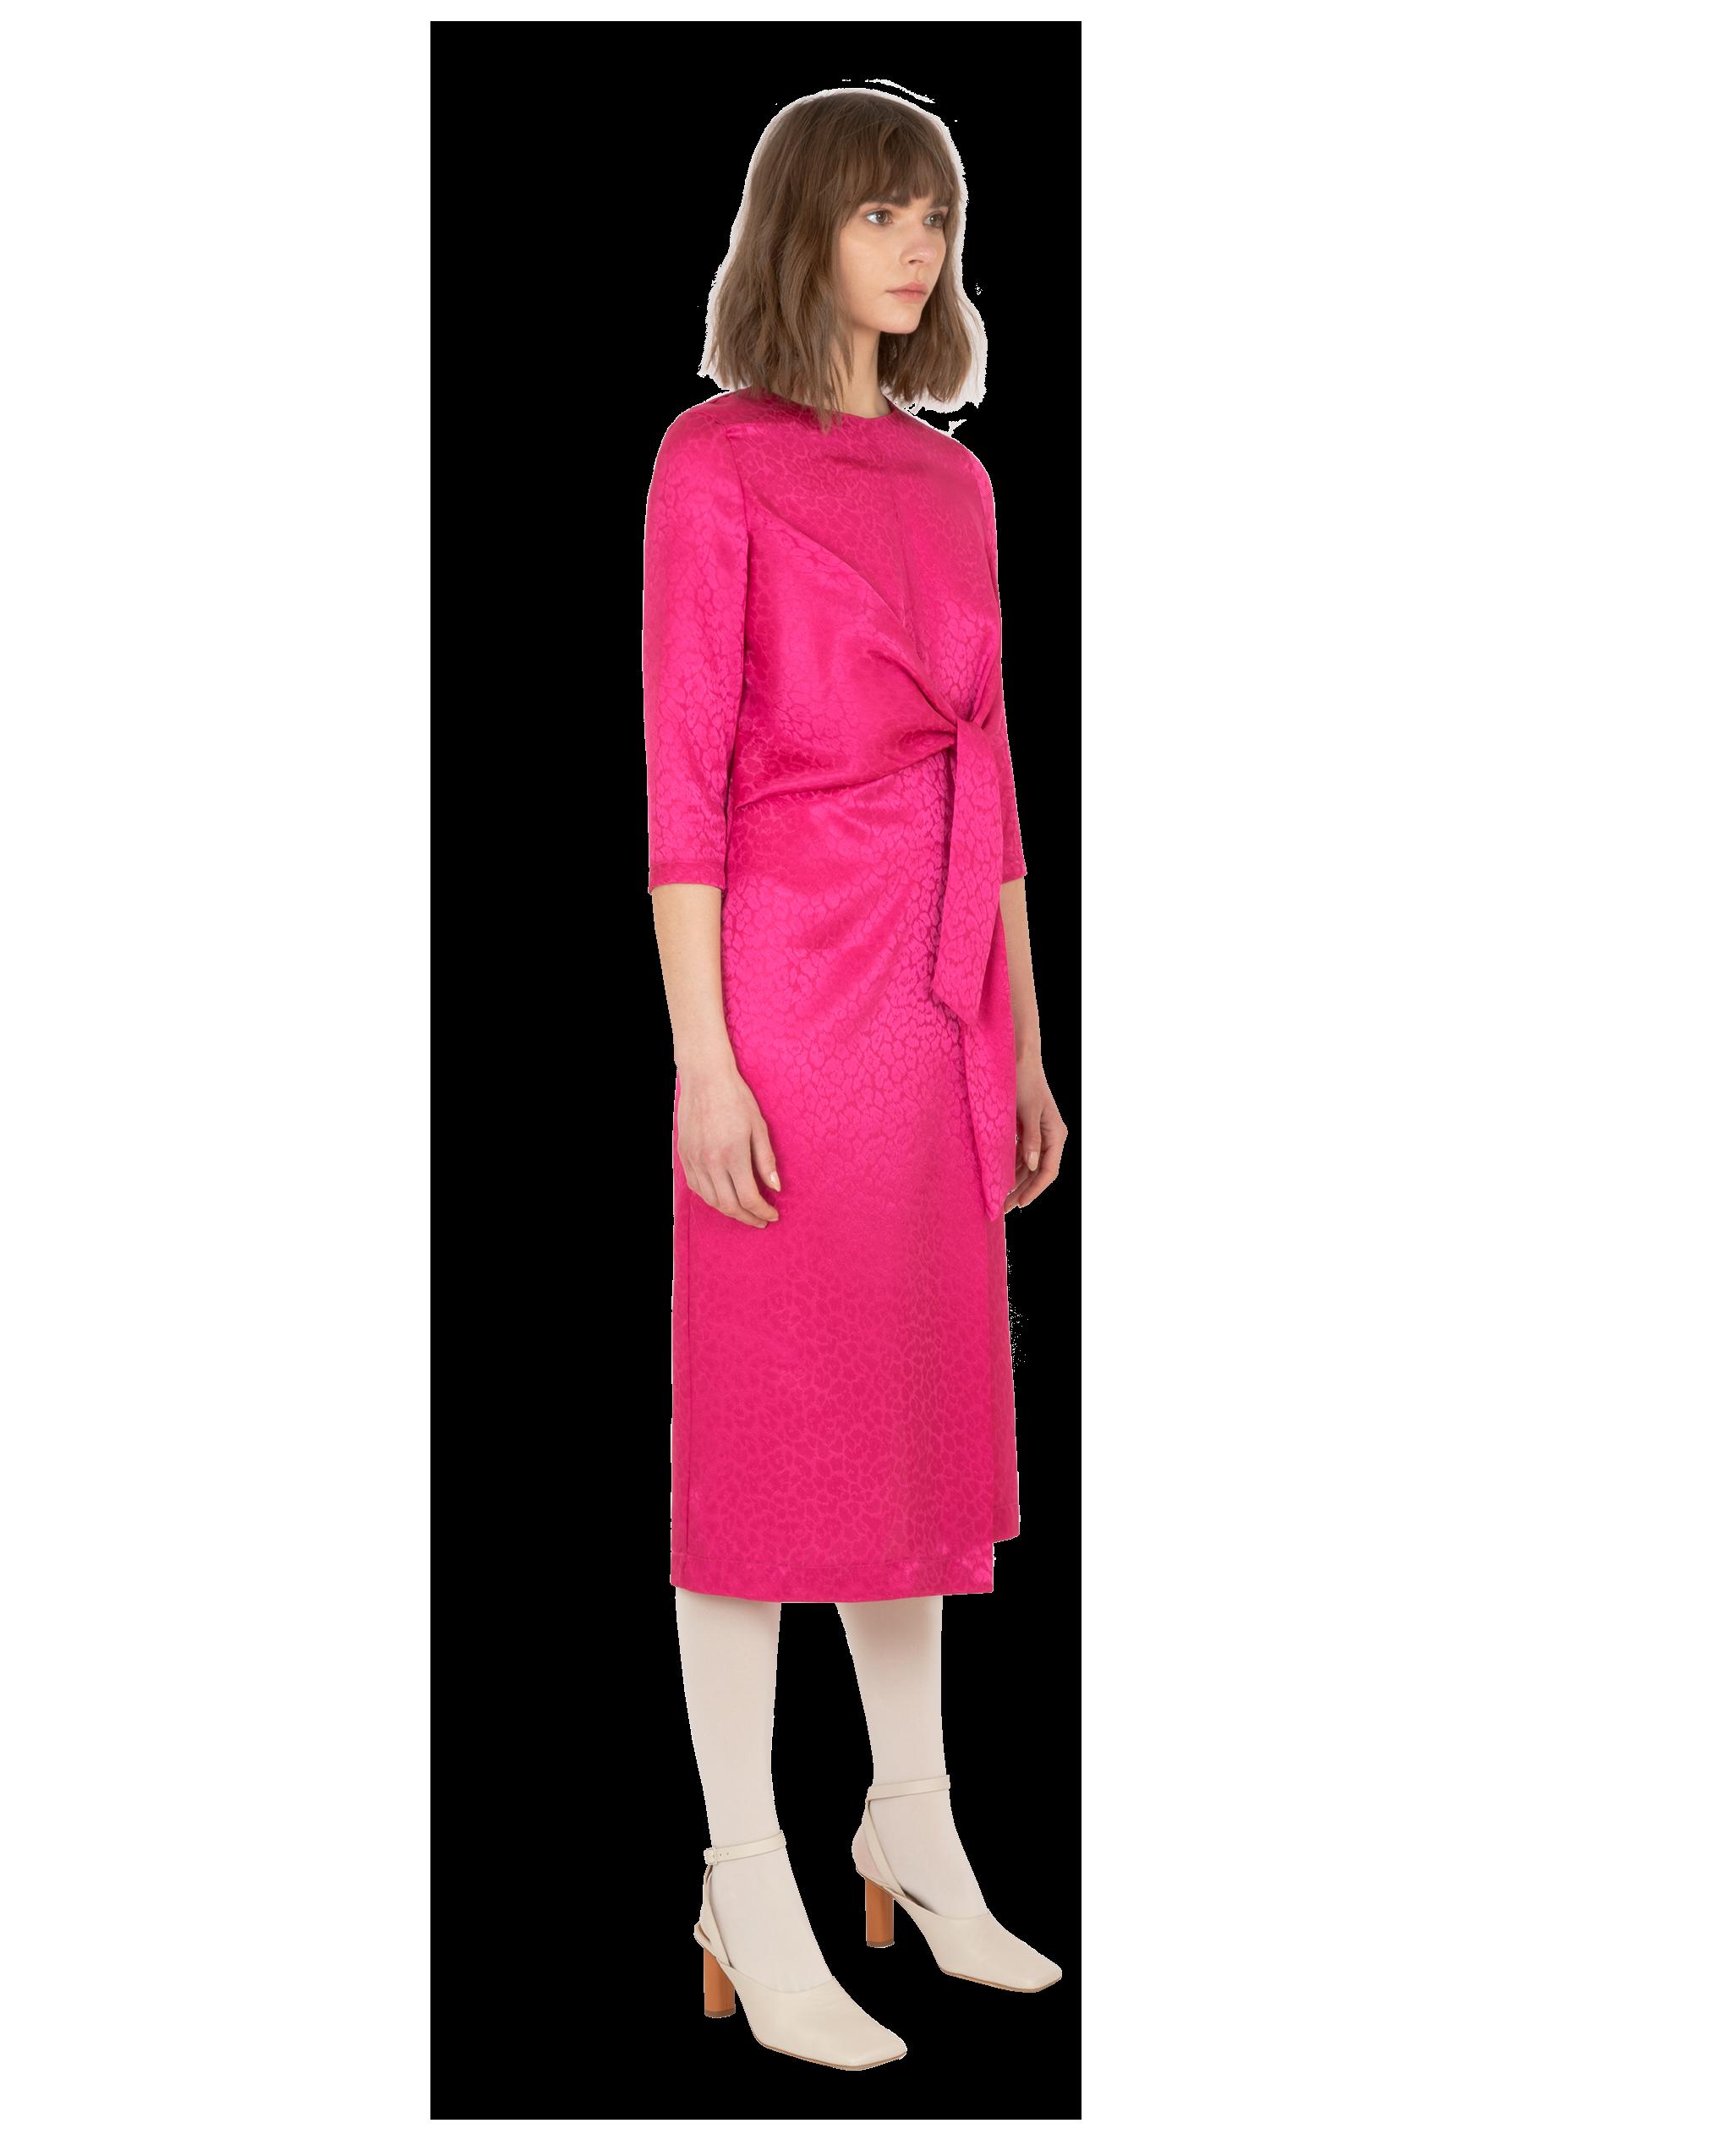 Model wearing EMIN + PAUL magenta tie front dress.